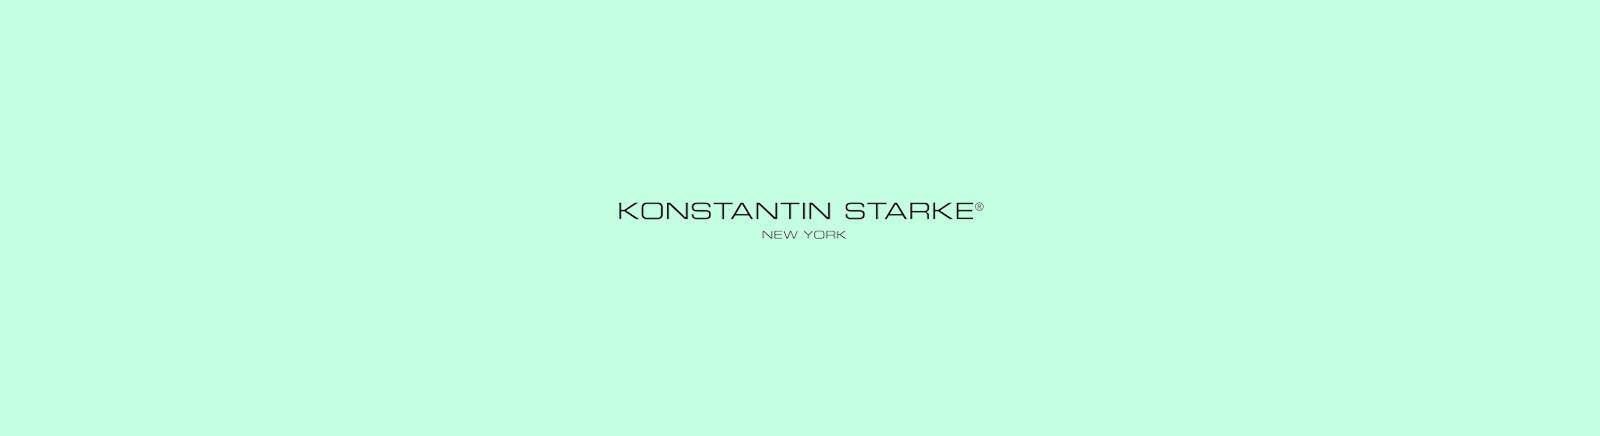 Prange: Konstantin Starke Februar Deals online shoppen